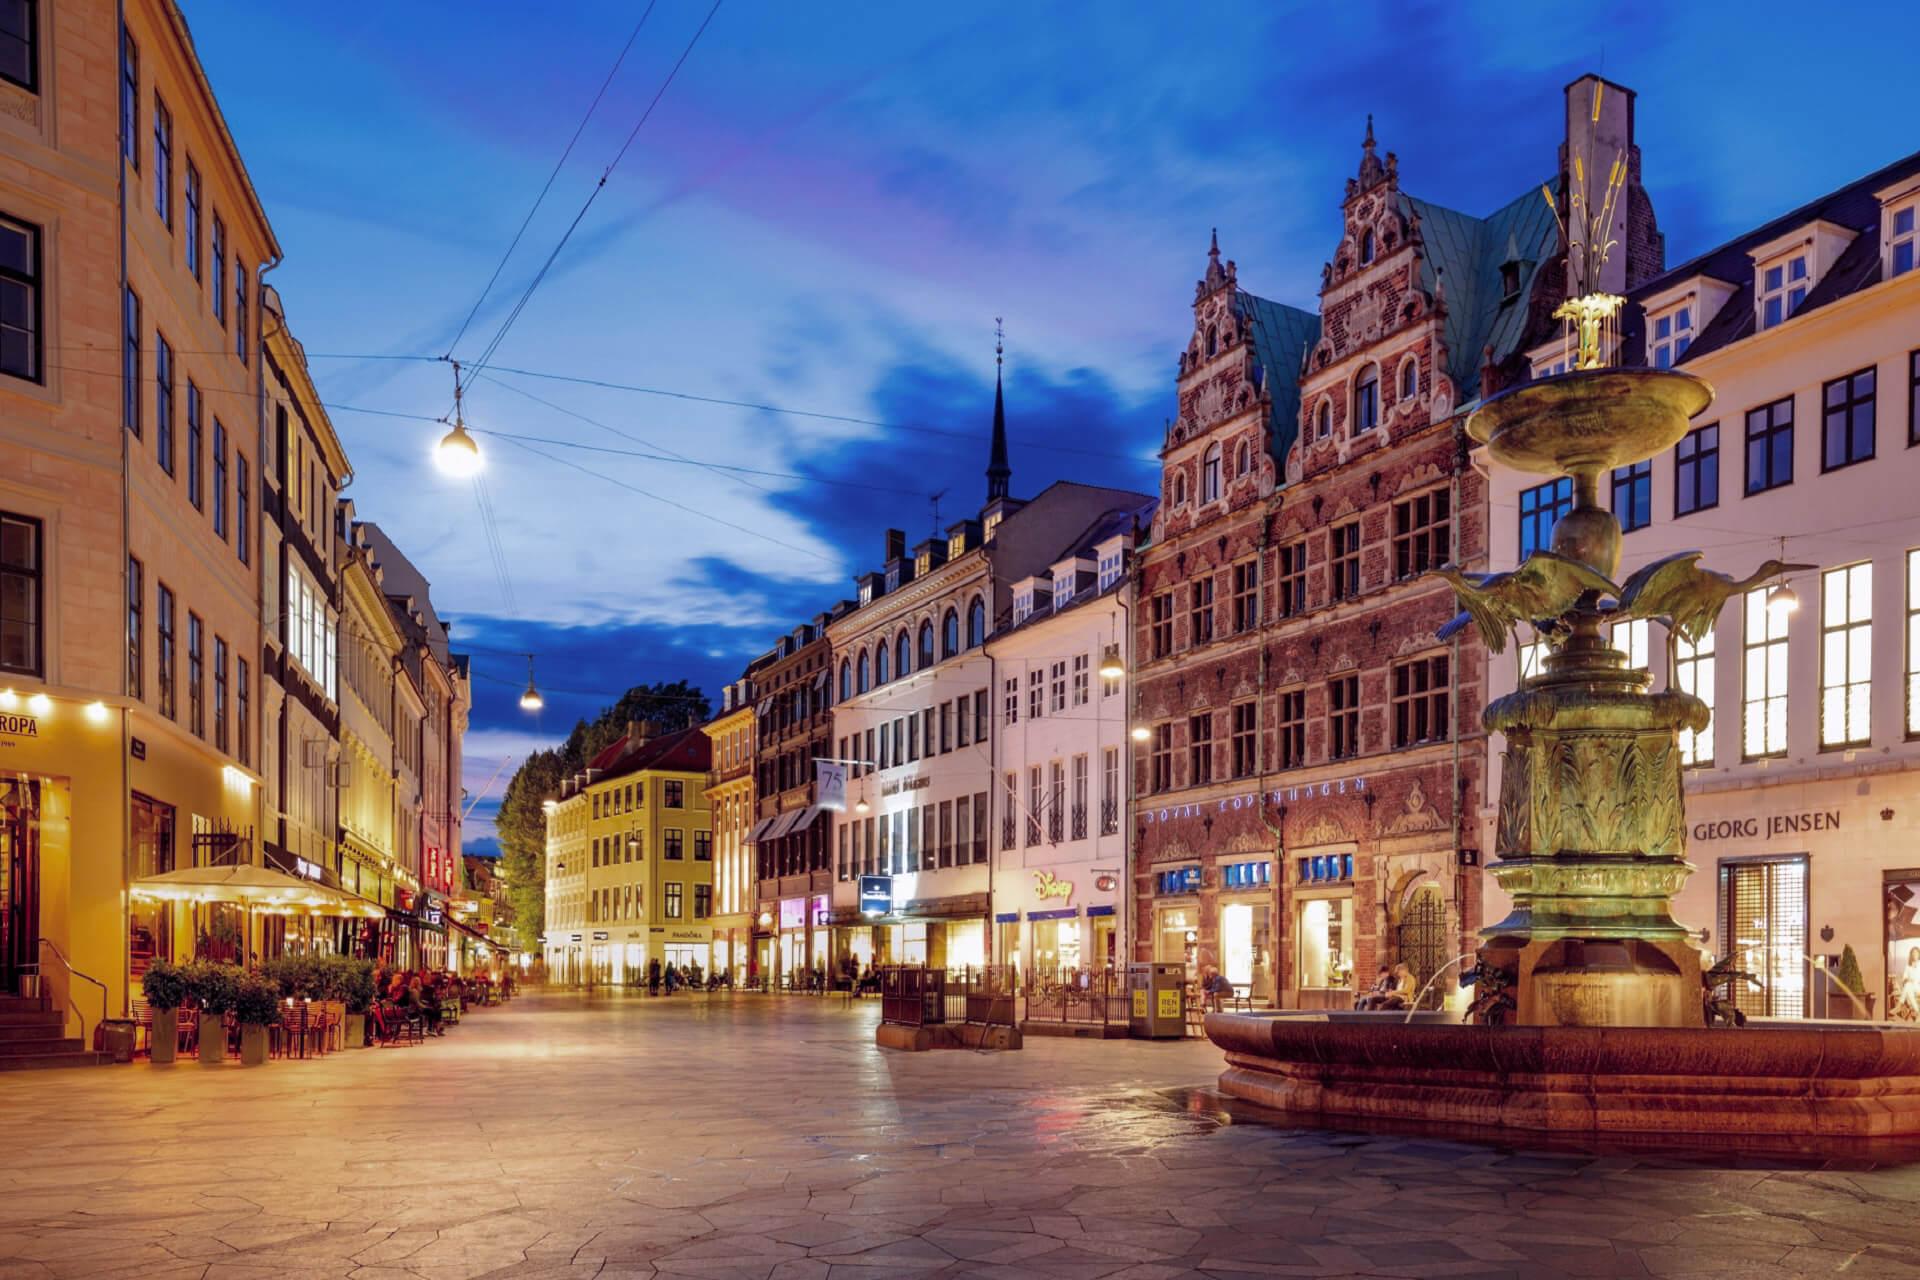 Stroget Street - Inexpensive Pleasure In Expensive Copenhagen